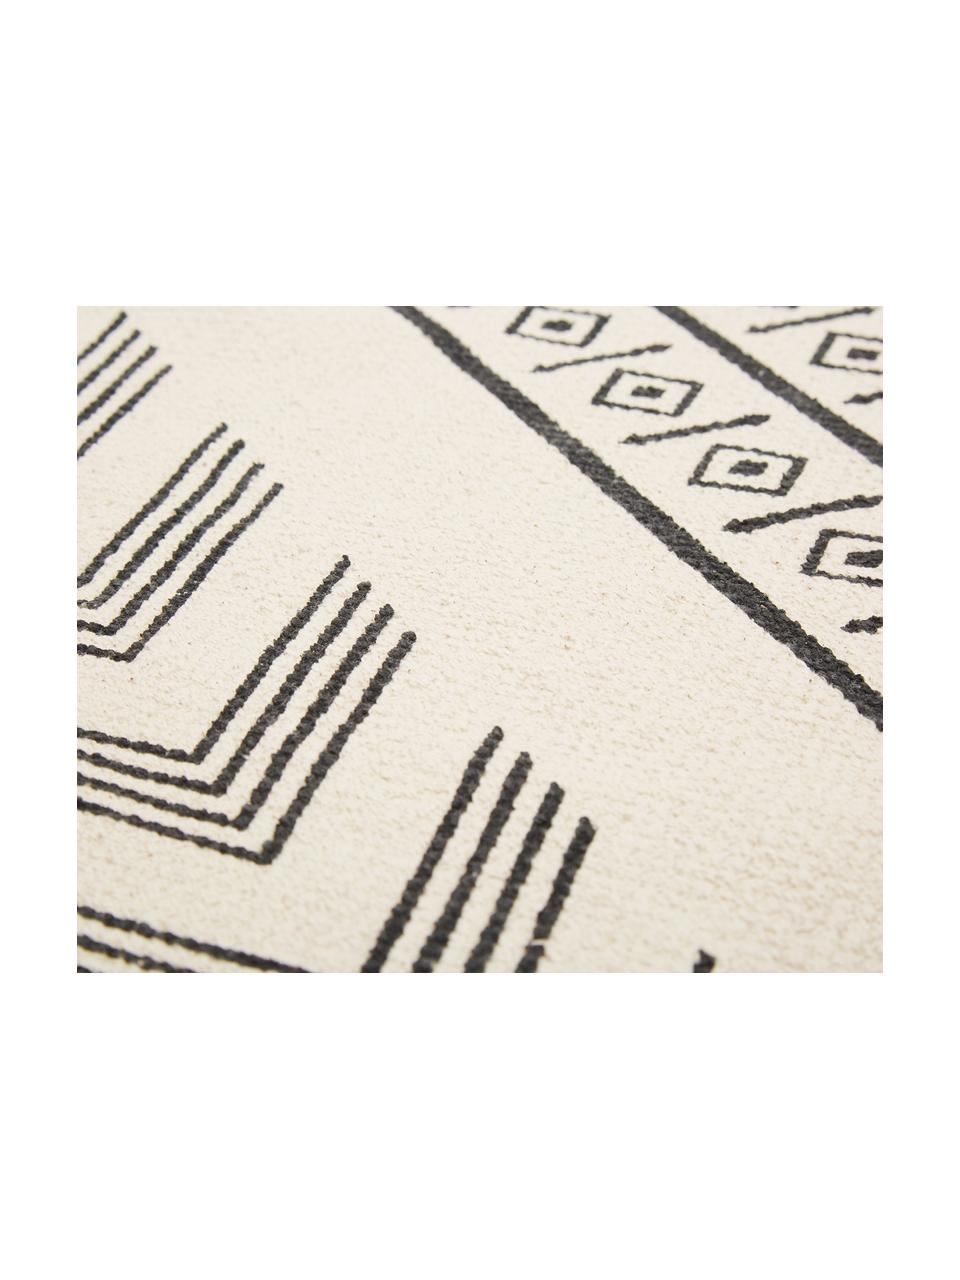 Handgewebter Baumwollläufer Edna im Ethno Style, 100% Baumwolle, Cremeweiß, Schwarz, 80 x 250 cm